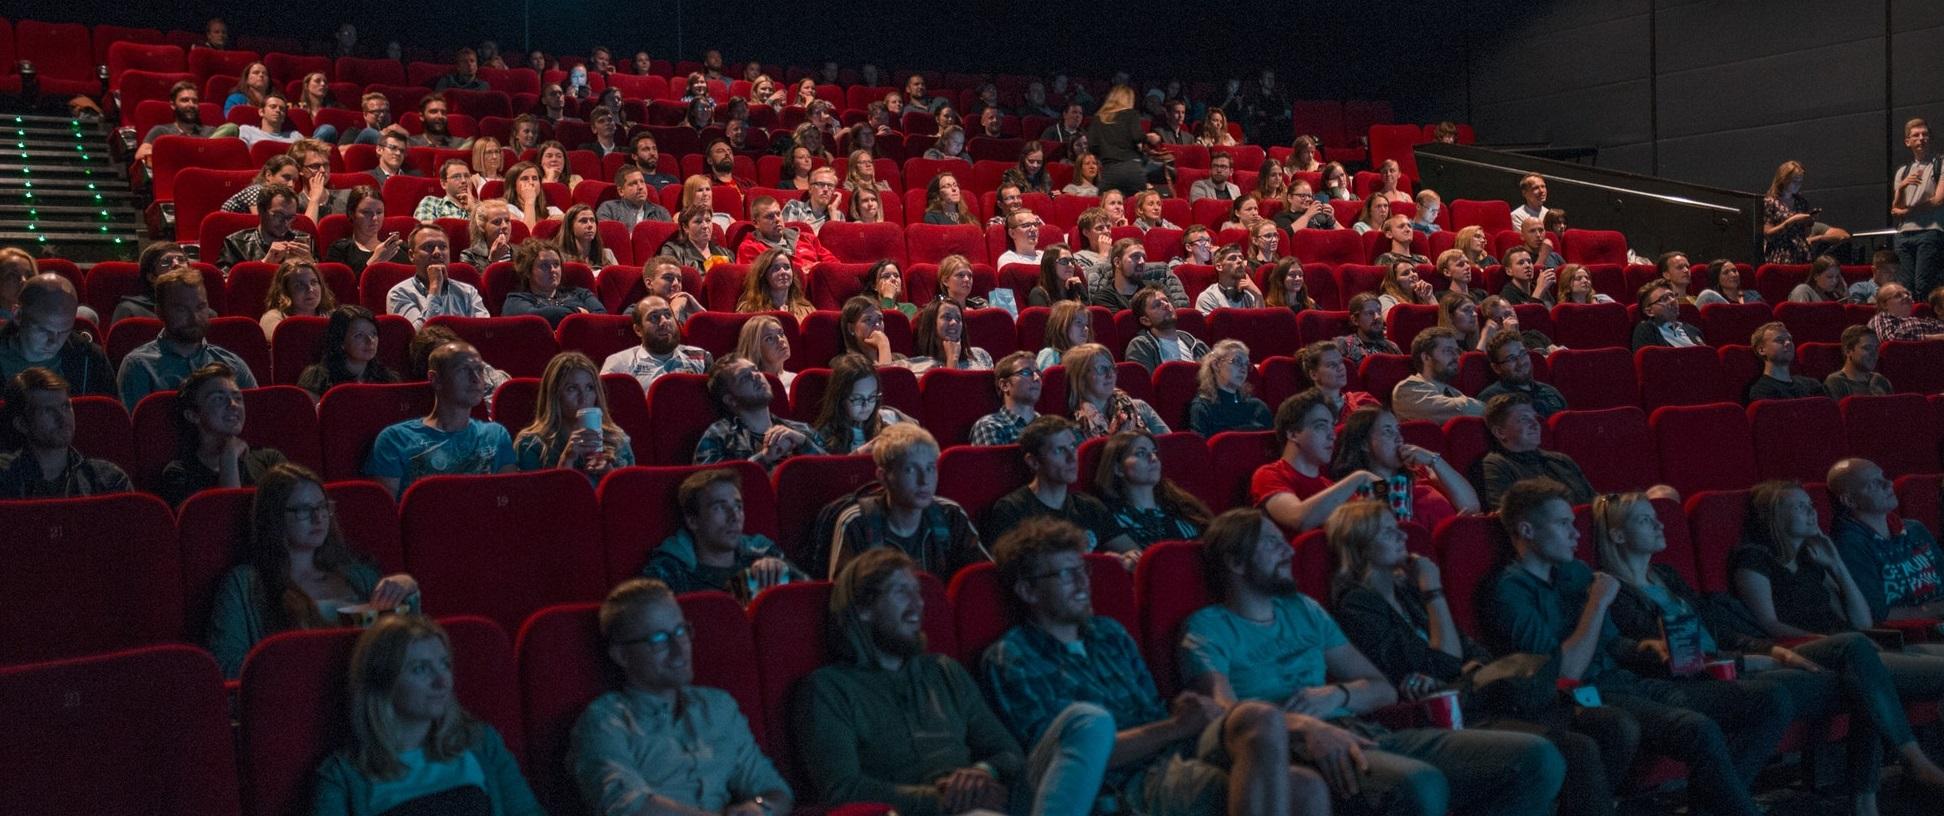 Información sobre los mejores actores, películas, últimos estrenos, la historia del cine y mucho más.